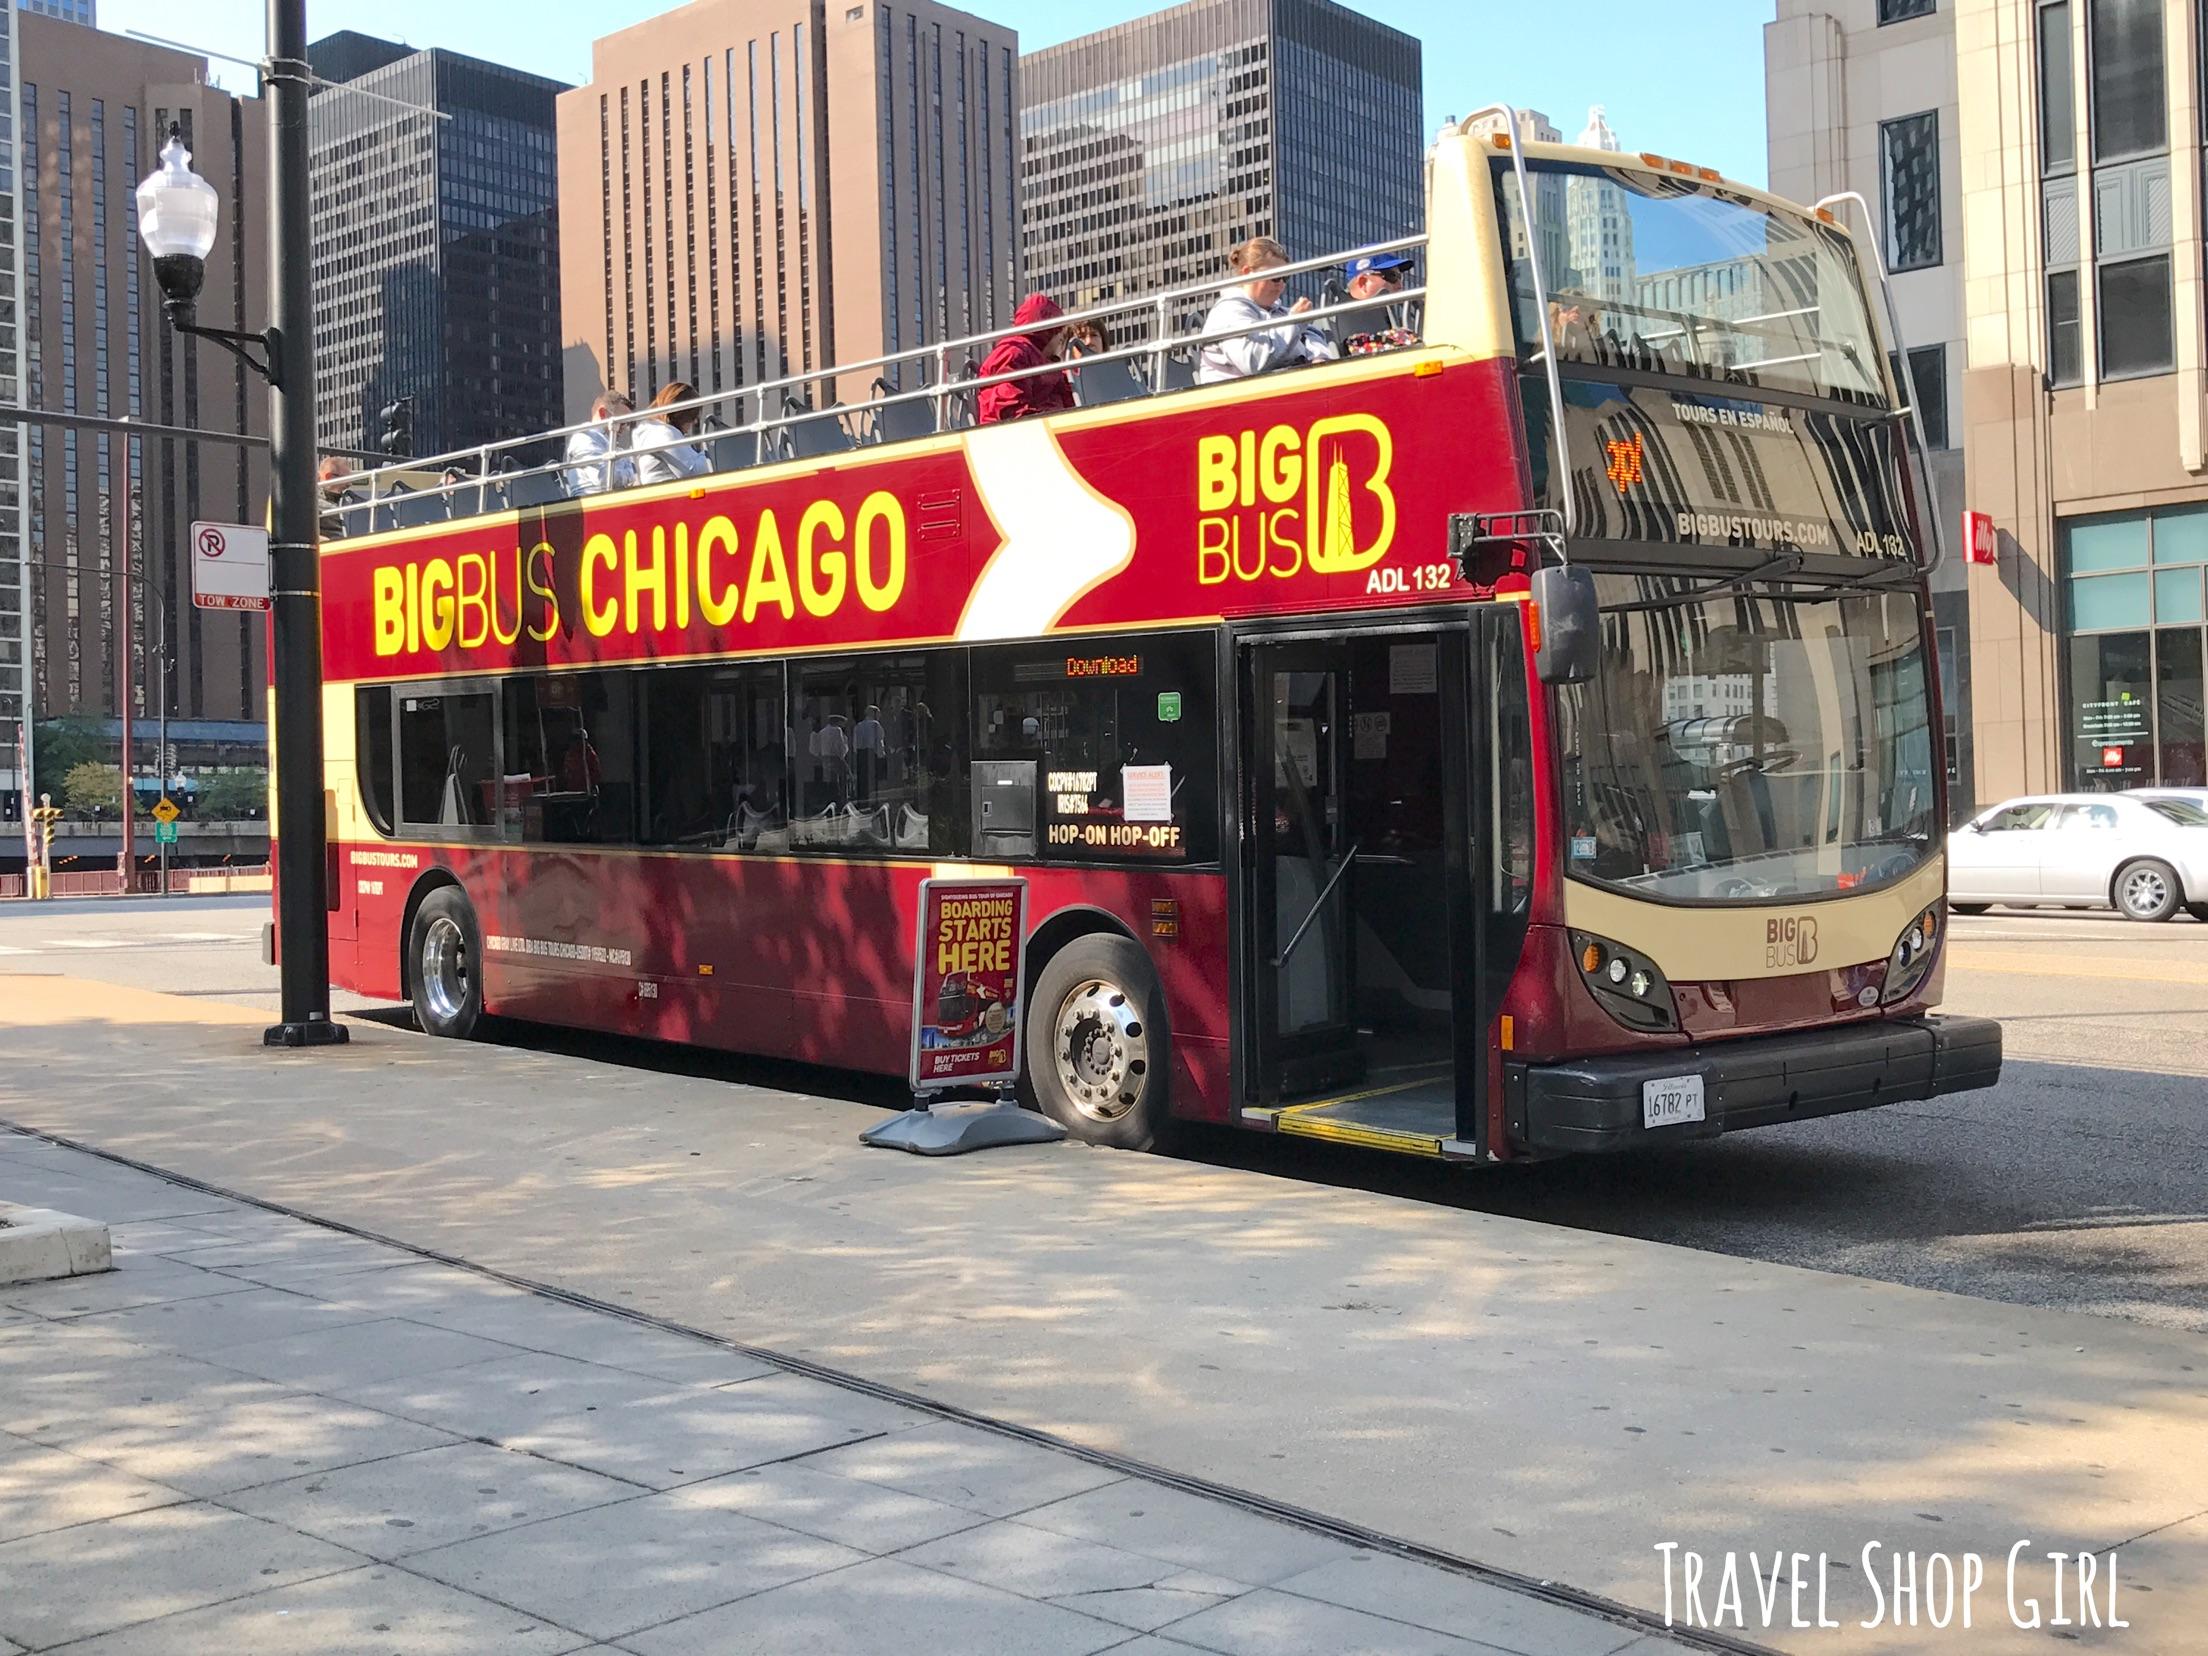 Big Bus Chicago